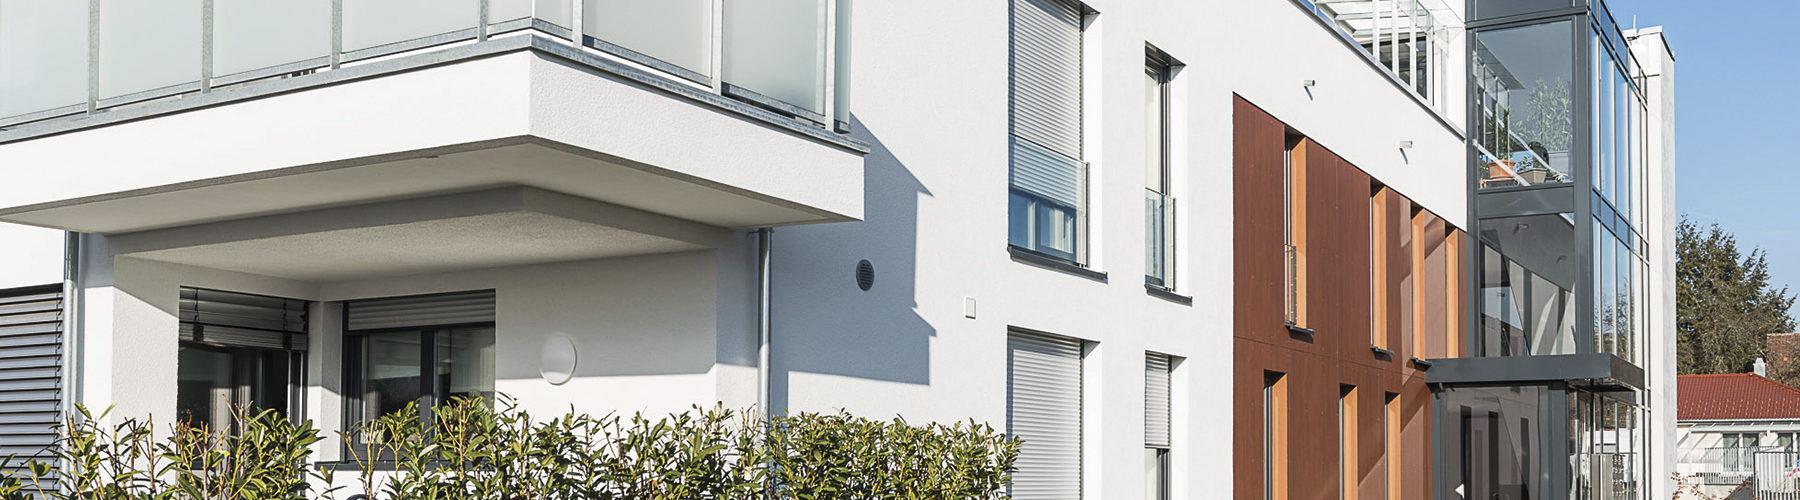 VGW Schwäbisch Gmünd Wohnobjekte Straßdorf zur Miete